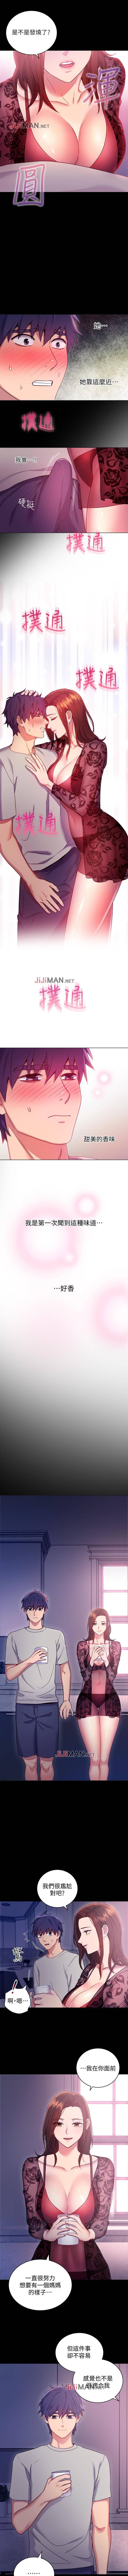 【周二连载】继母的朋友们(作者:Red-A&頸枕) 第1~39话 52